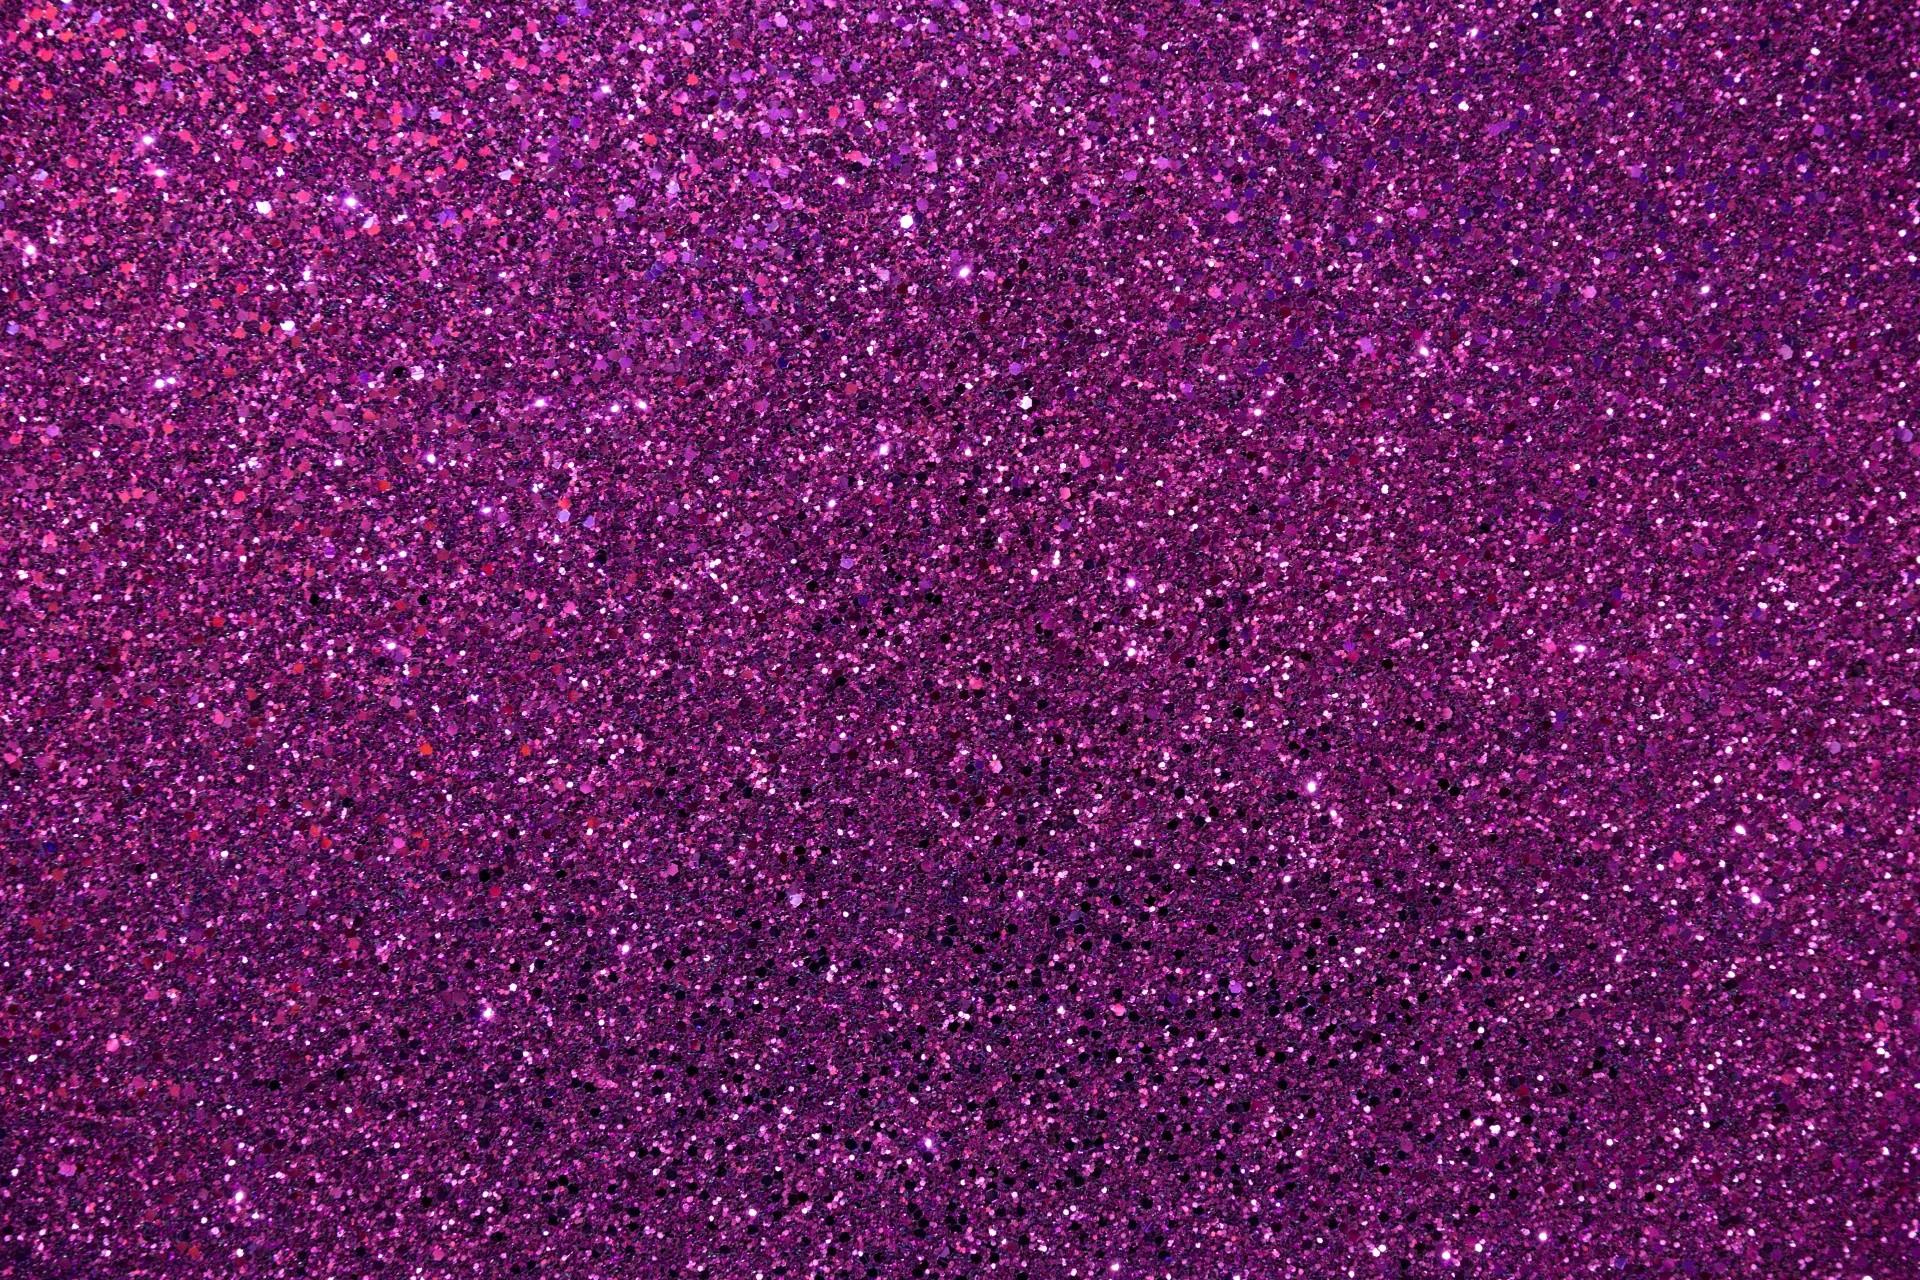 glitter wallpaper high resolution - photo #21